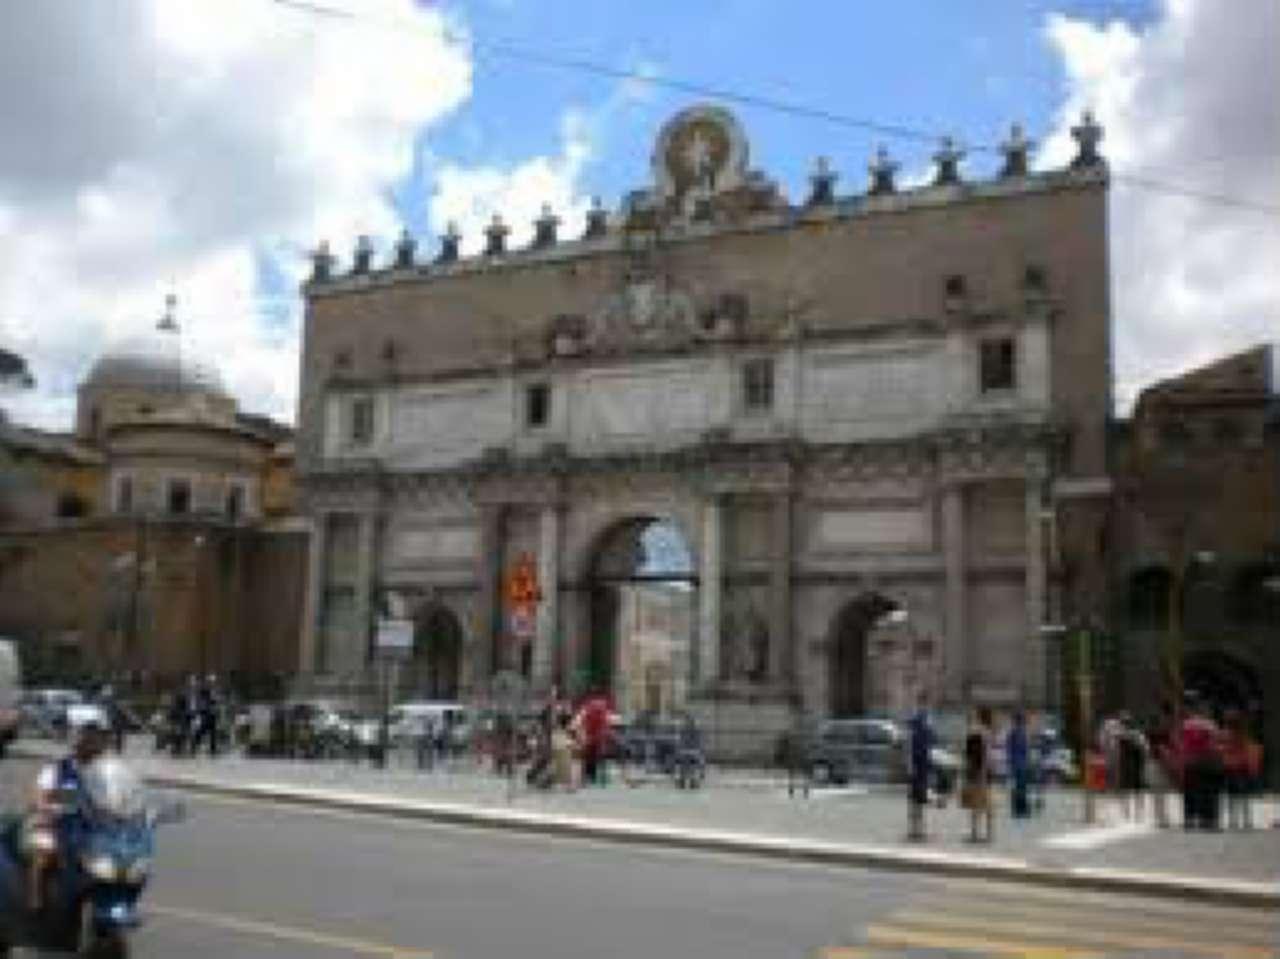 Attivit licenza roma vendita zona 2 - Licenza affittacamere ...